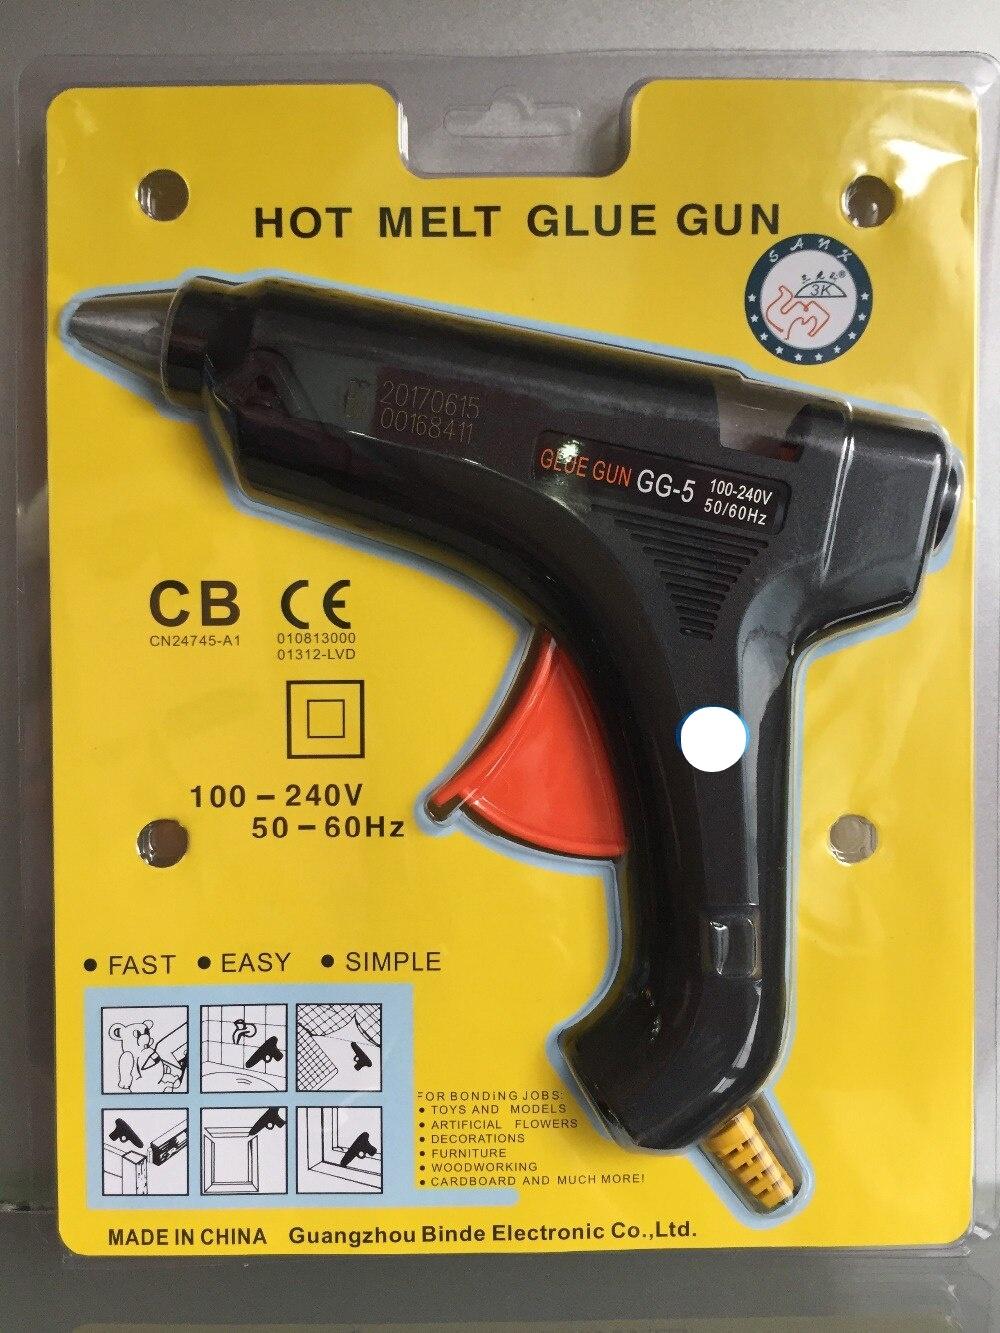 GG5-Hot Melt Glue Gun AC 100-240V 50-60Hz 60W Power